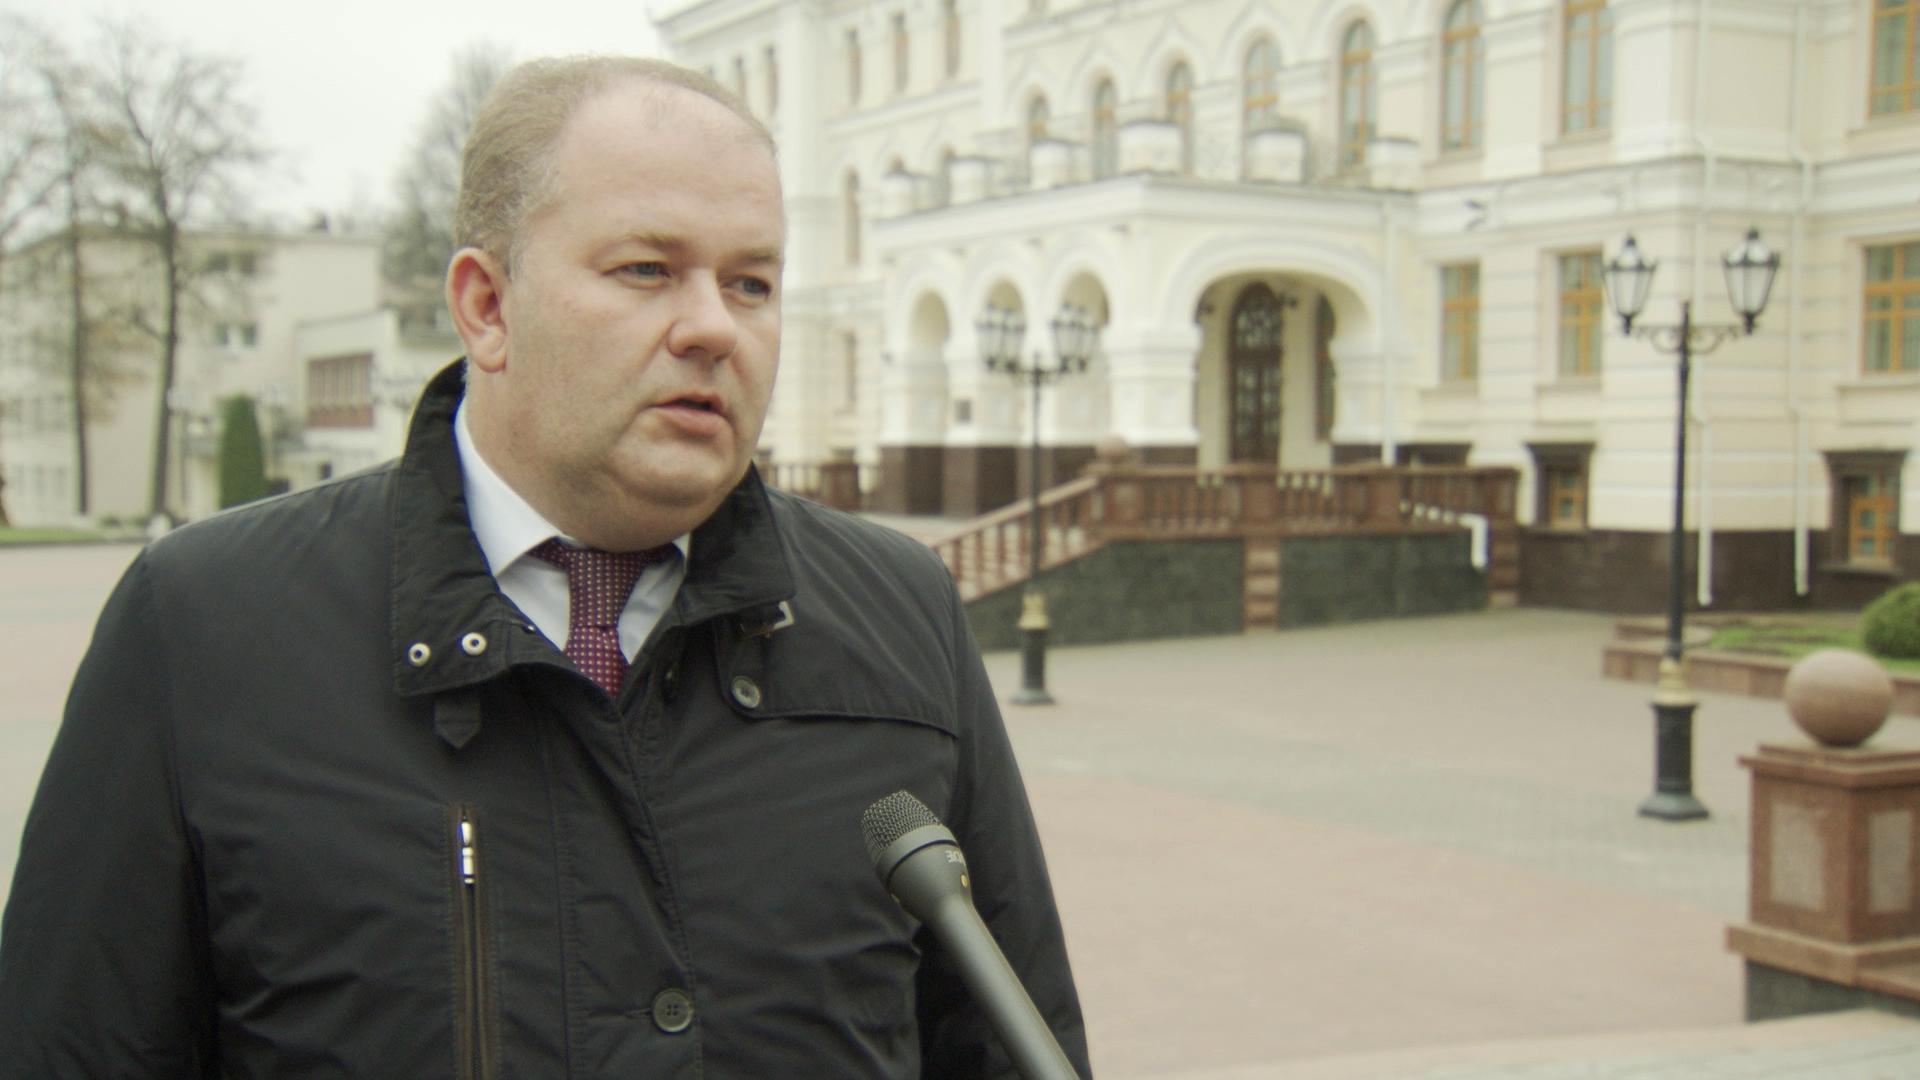 vishneveckij 1 - В Витебске перепрофилируют больницы под COVID-19 (видео)